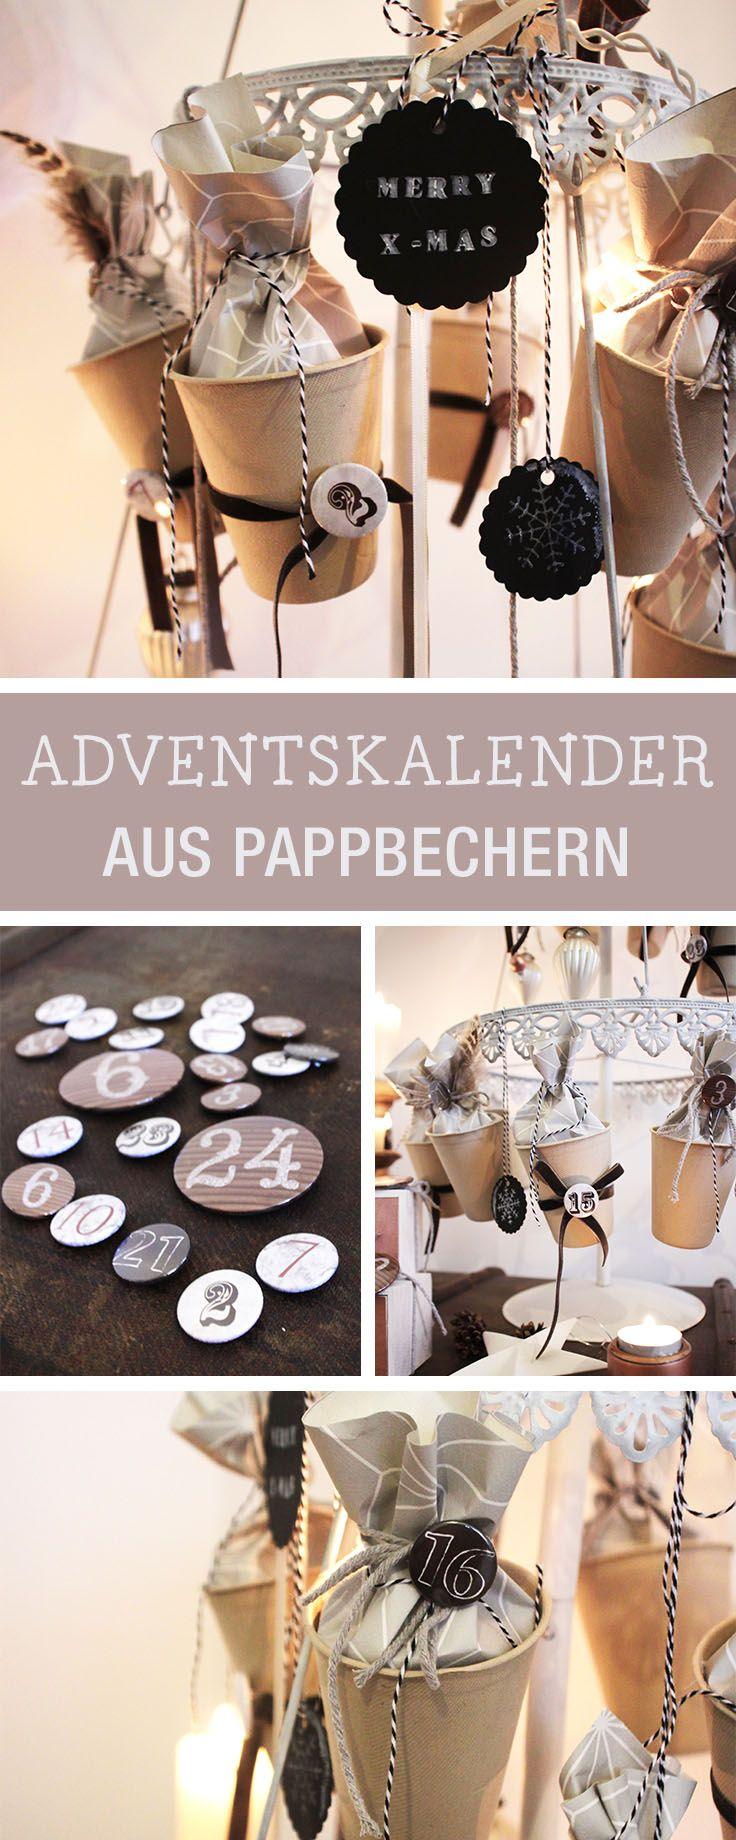 Adventskalender selbermachen: Wir zeigen Dir, wie es geht / how to craft an advents calendar via DaWanda.com